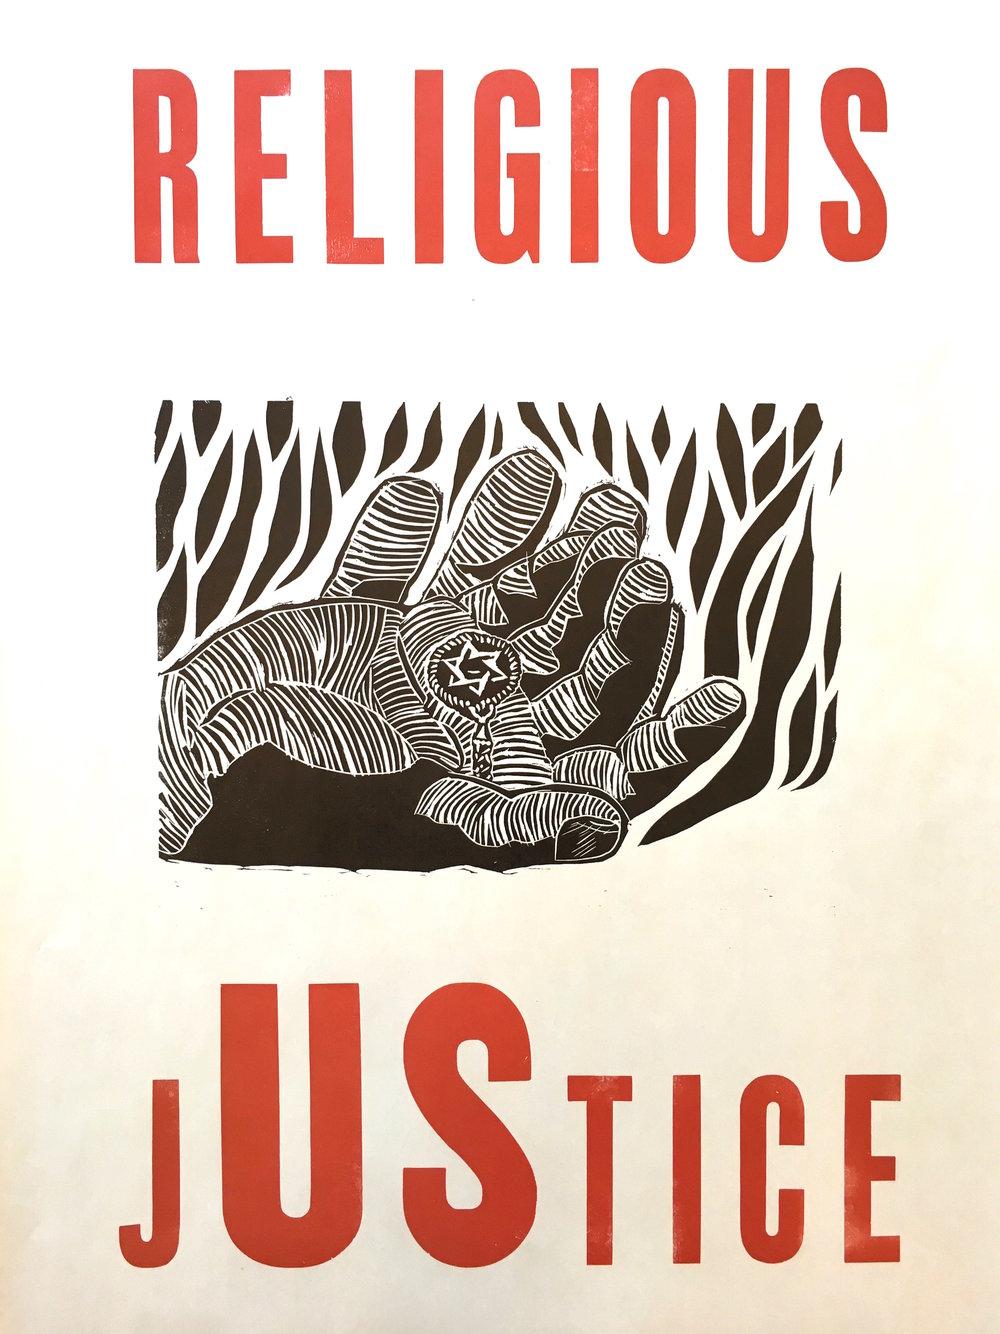 Papalote Justice 8.JPG